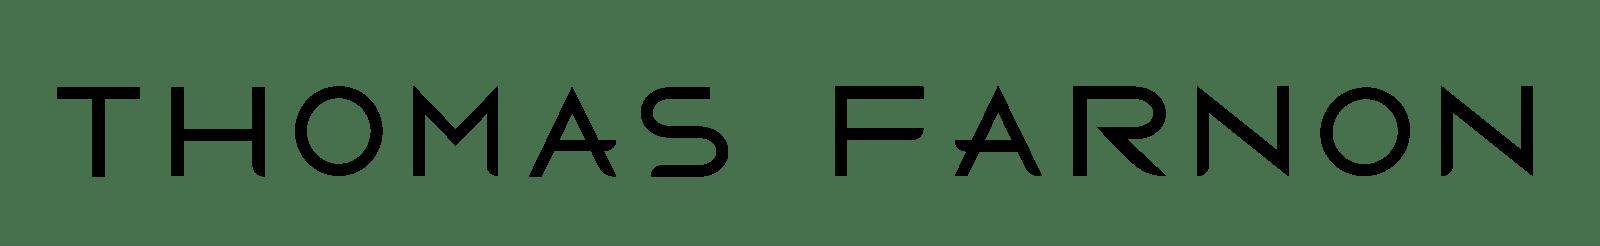 Thomas Farnon Logo